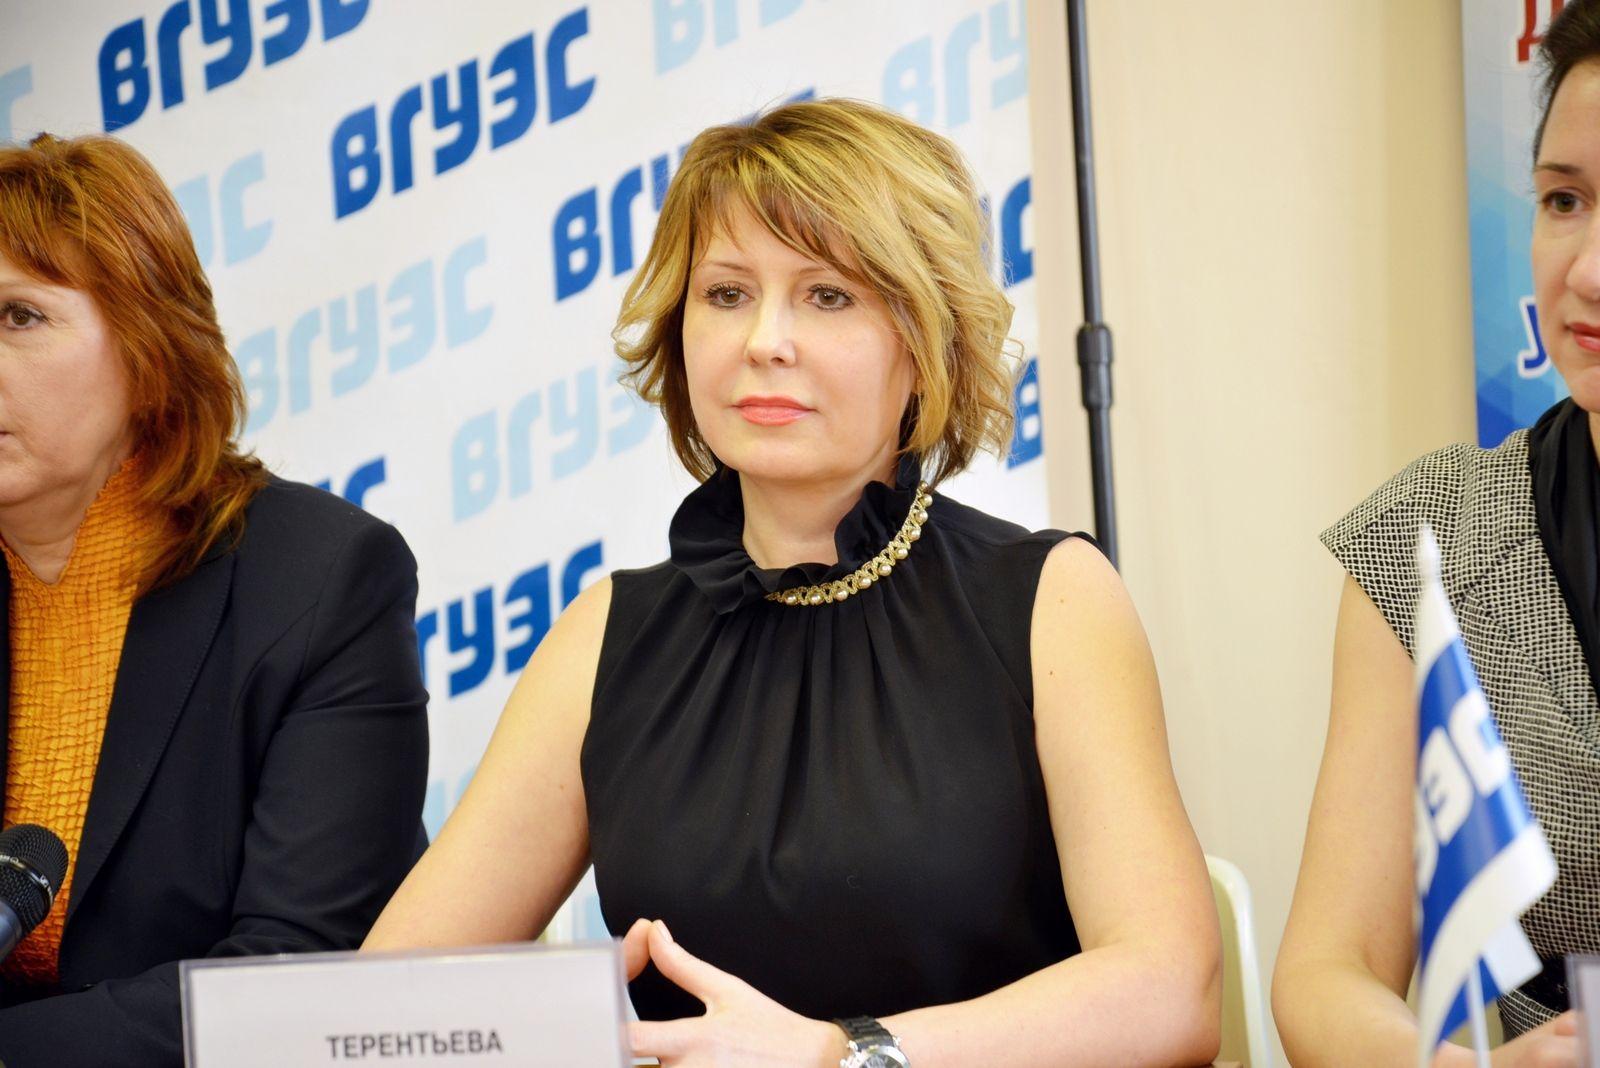 Татьяна Терентьева: «Образованию и бизнесу нужно объединяться!»